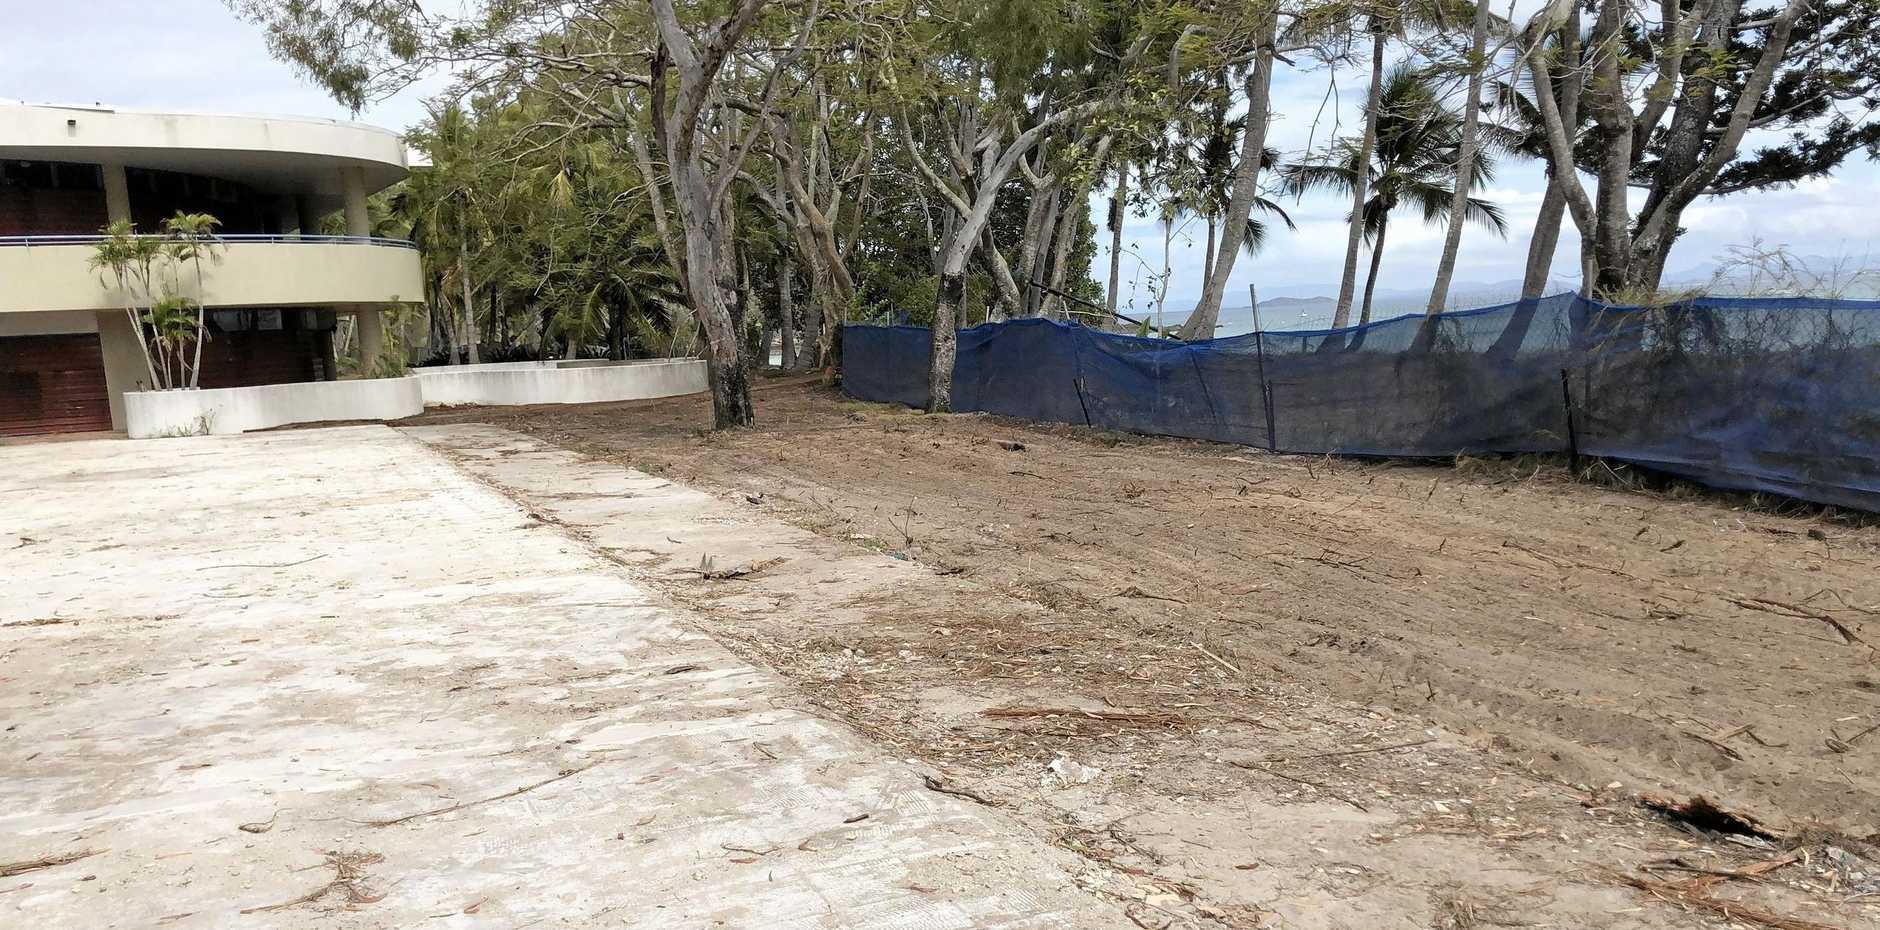 POST DEMOLITION: Recent shots of the cleaned up GKI Resort site after demolition works were complete.